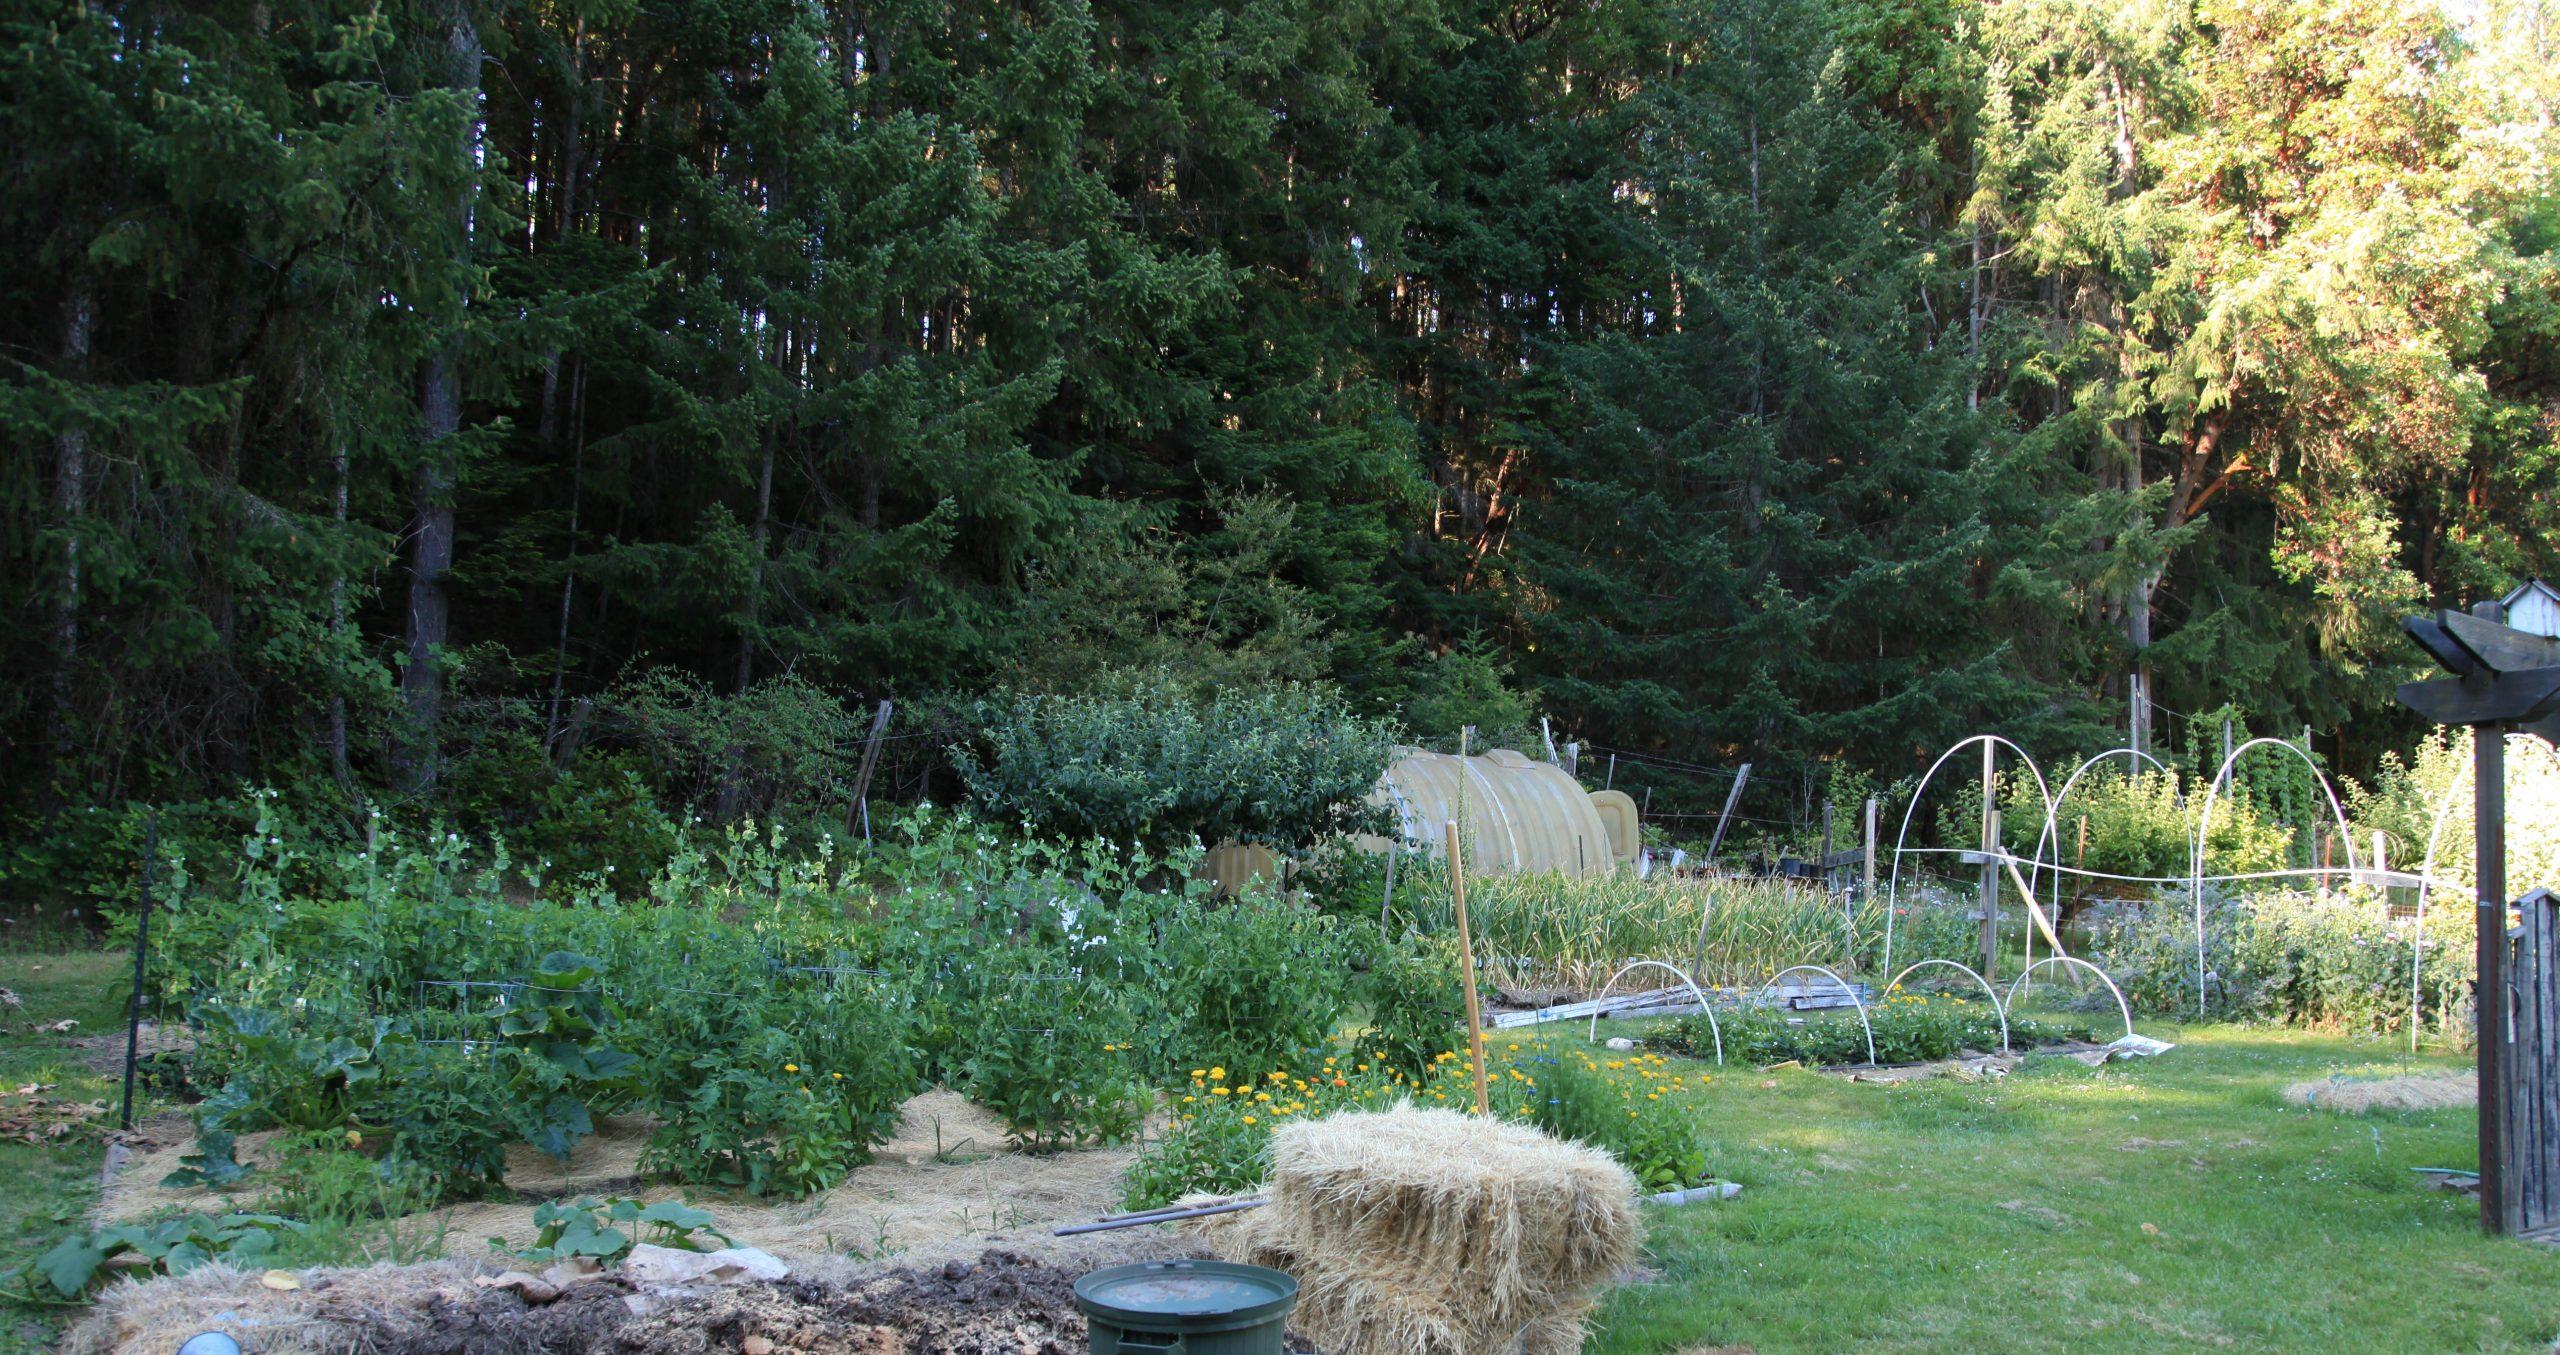 Castlerock Farm